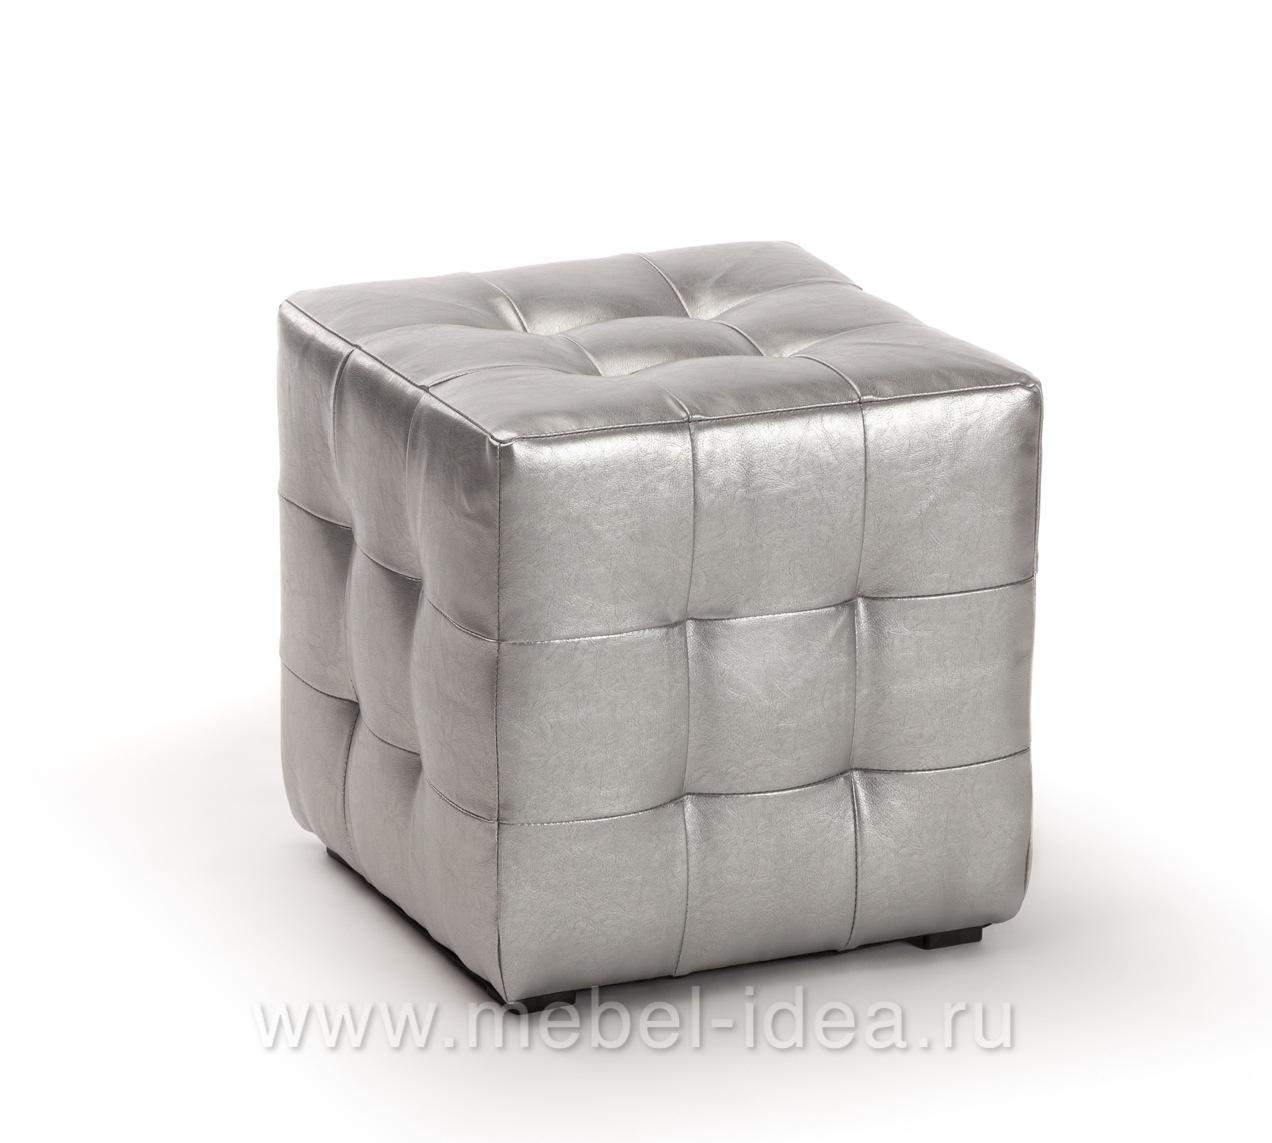 Пуф ПФ-1 серебро - 3754